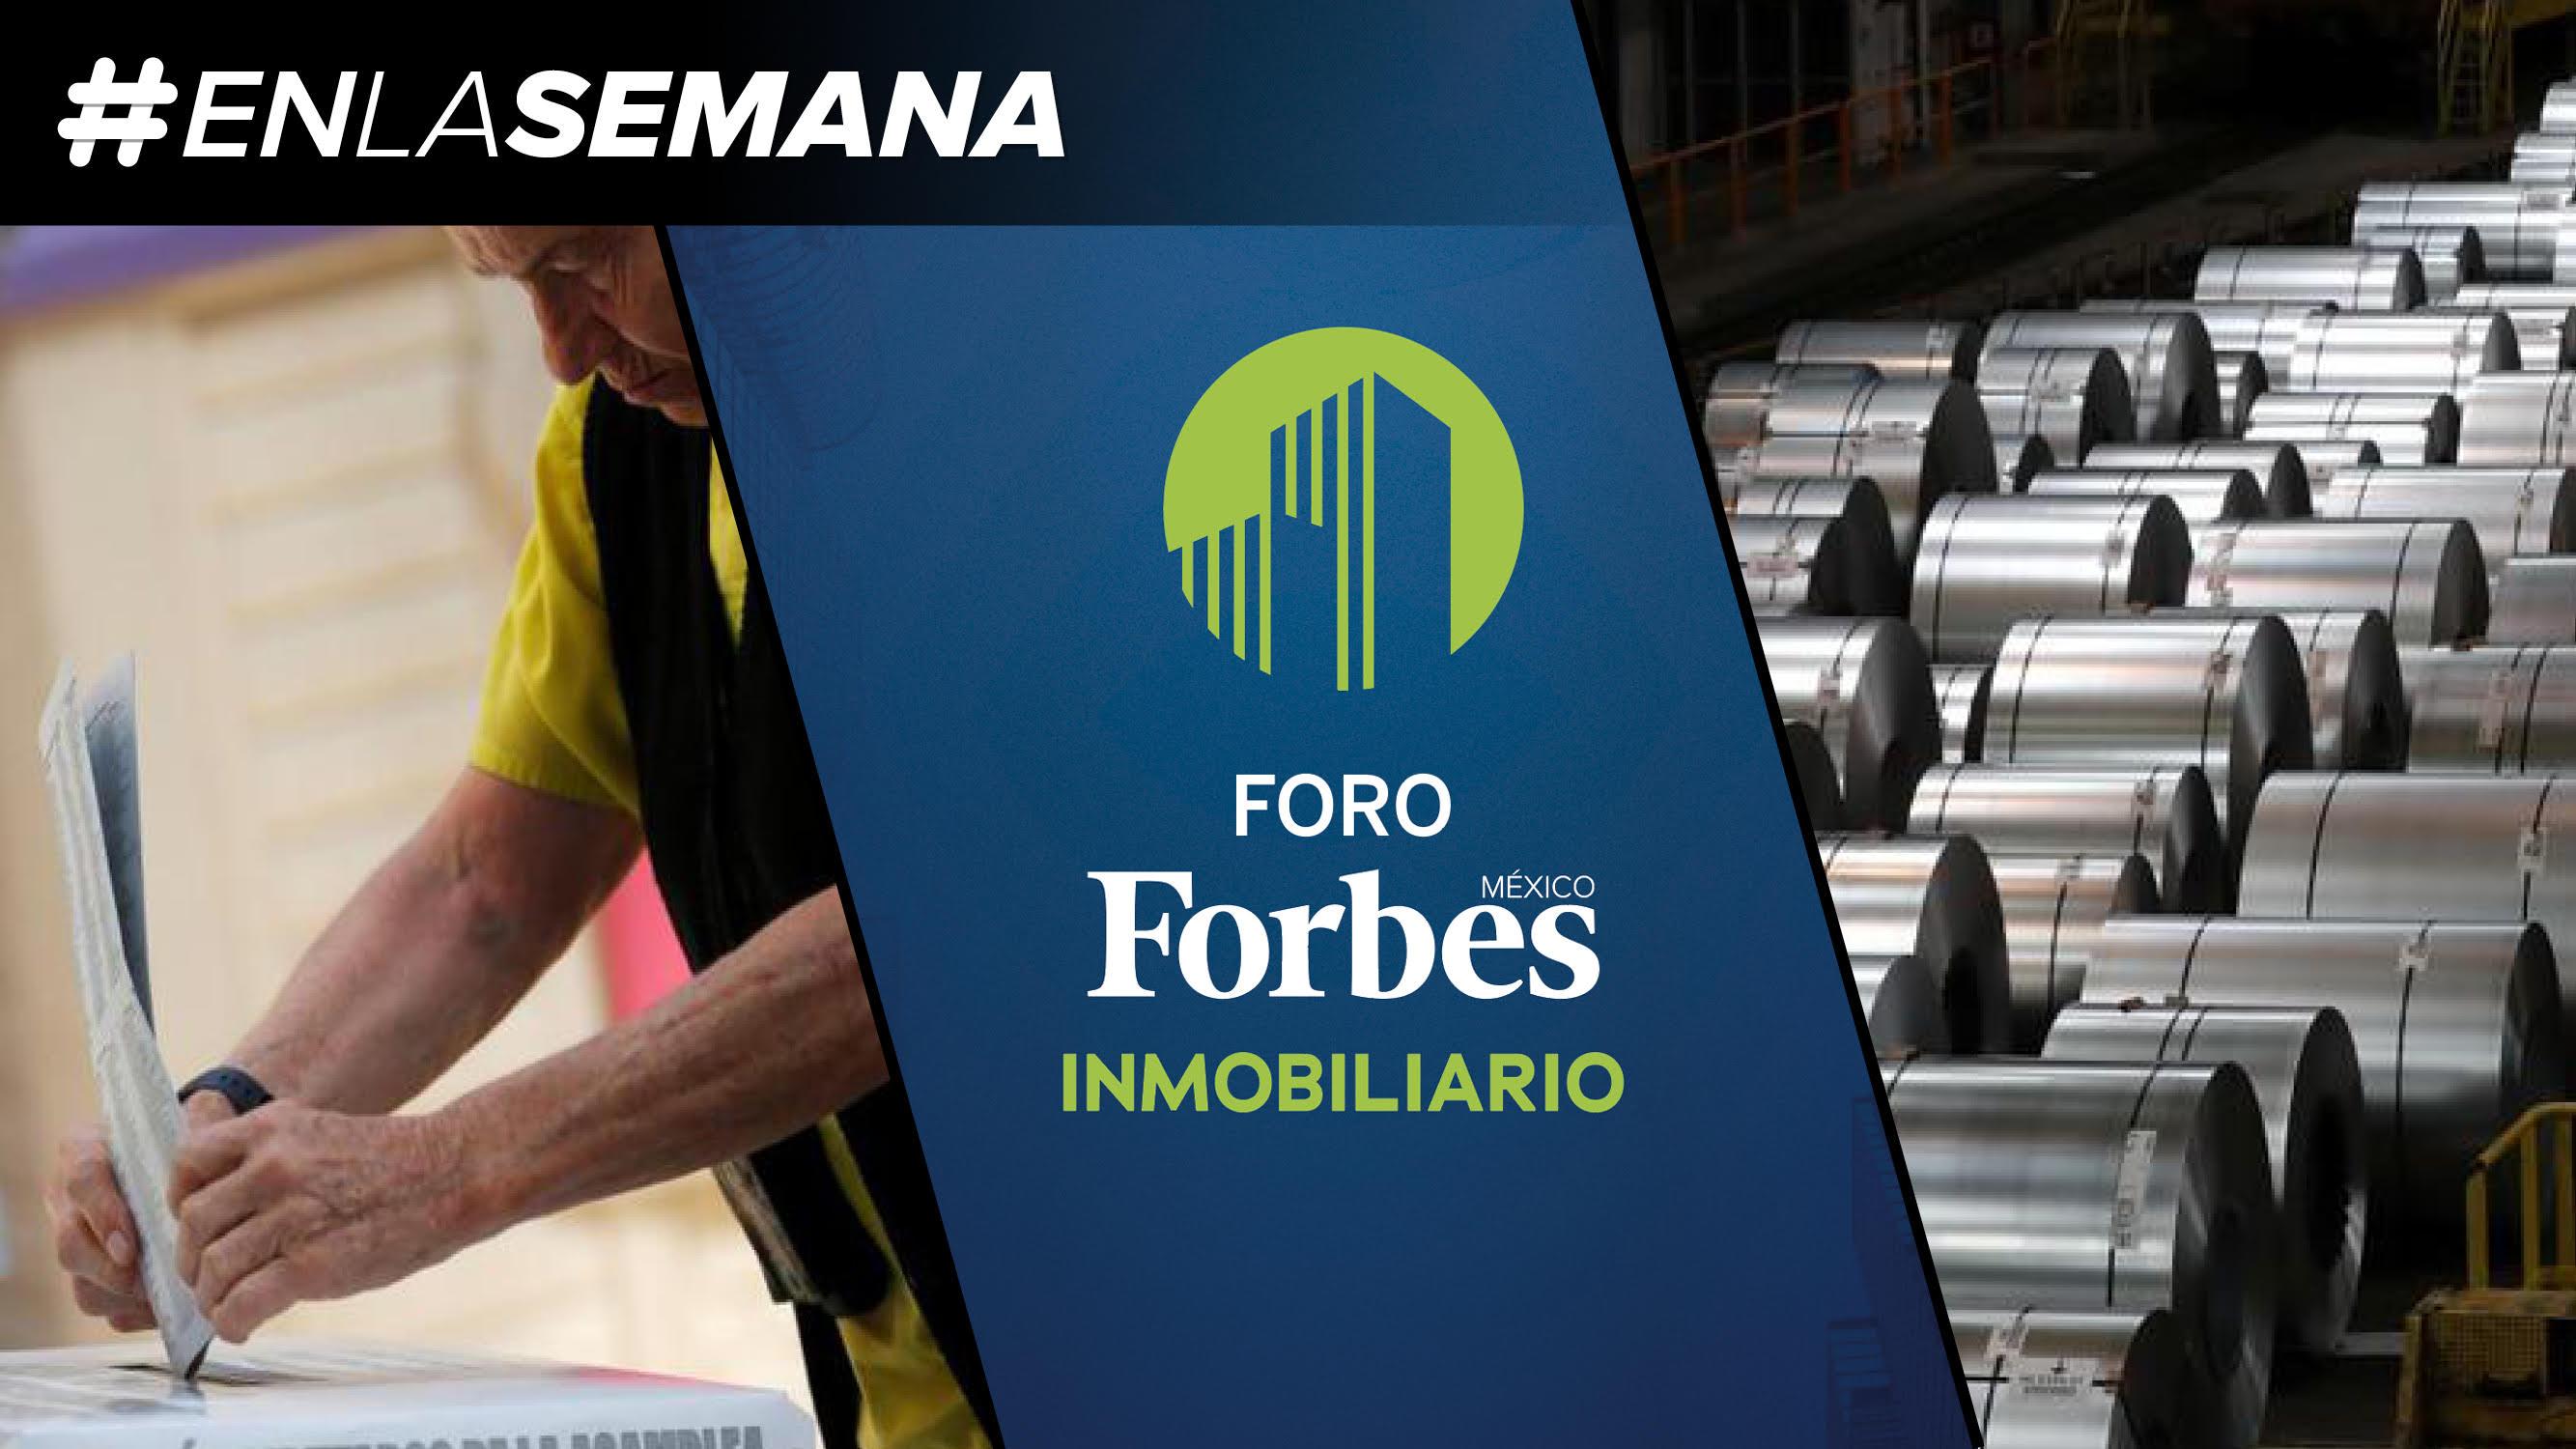 Agenda Forbes | México va contra aranceles de Trump, charlas del sector inmobiliario y resultados electorales